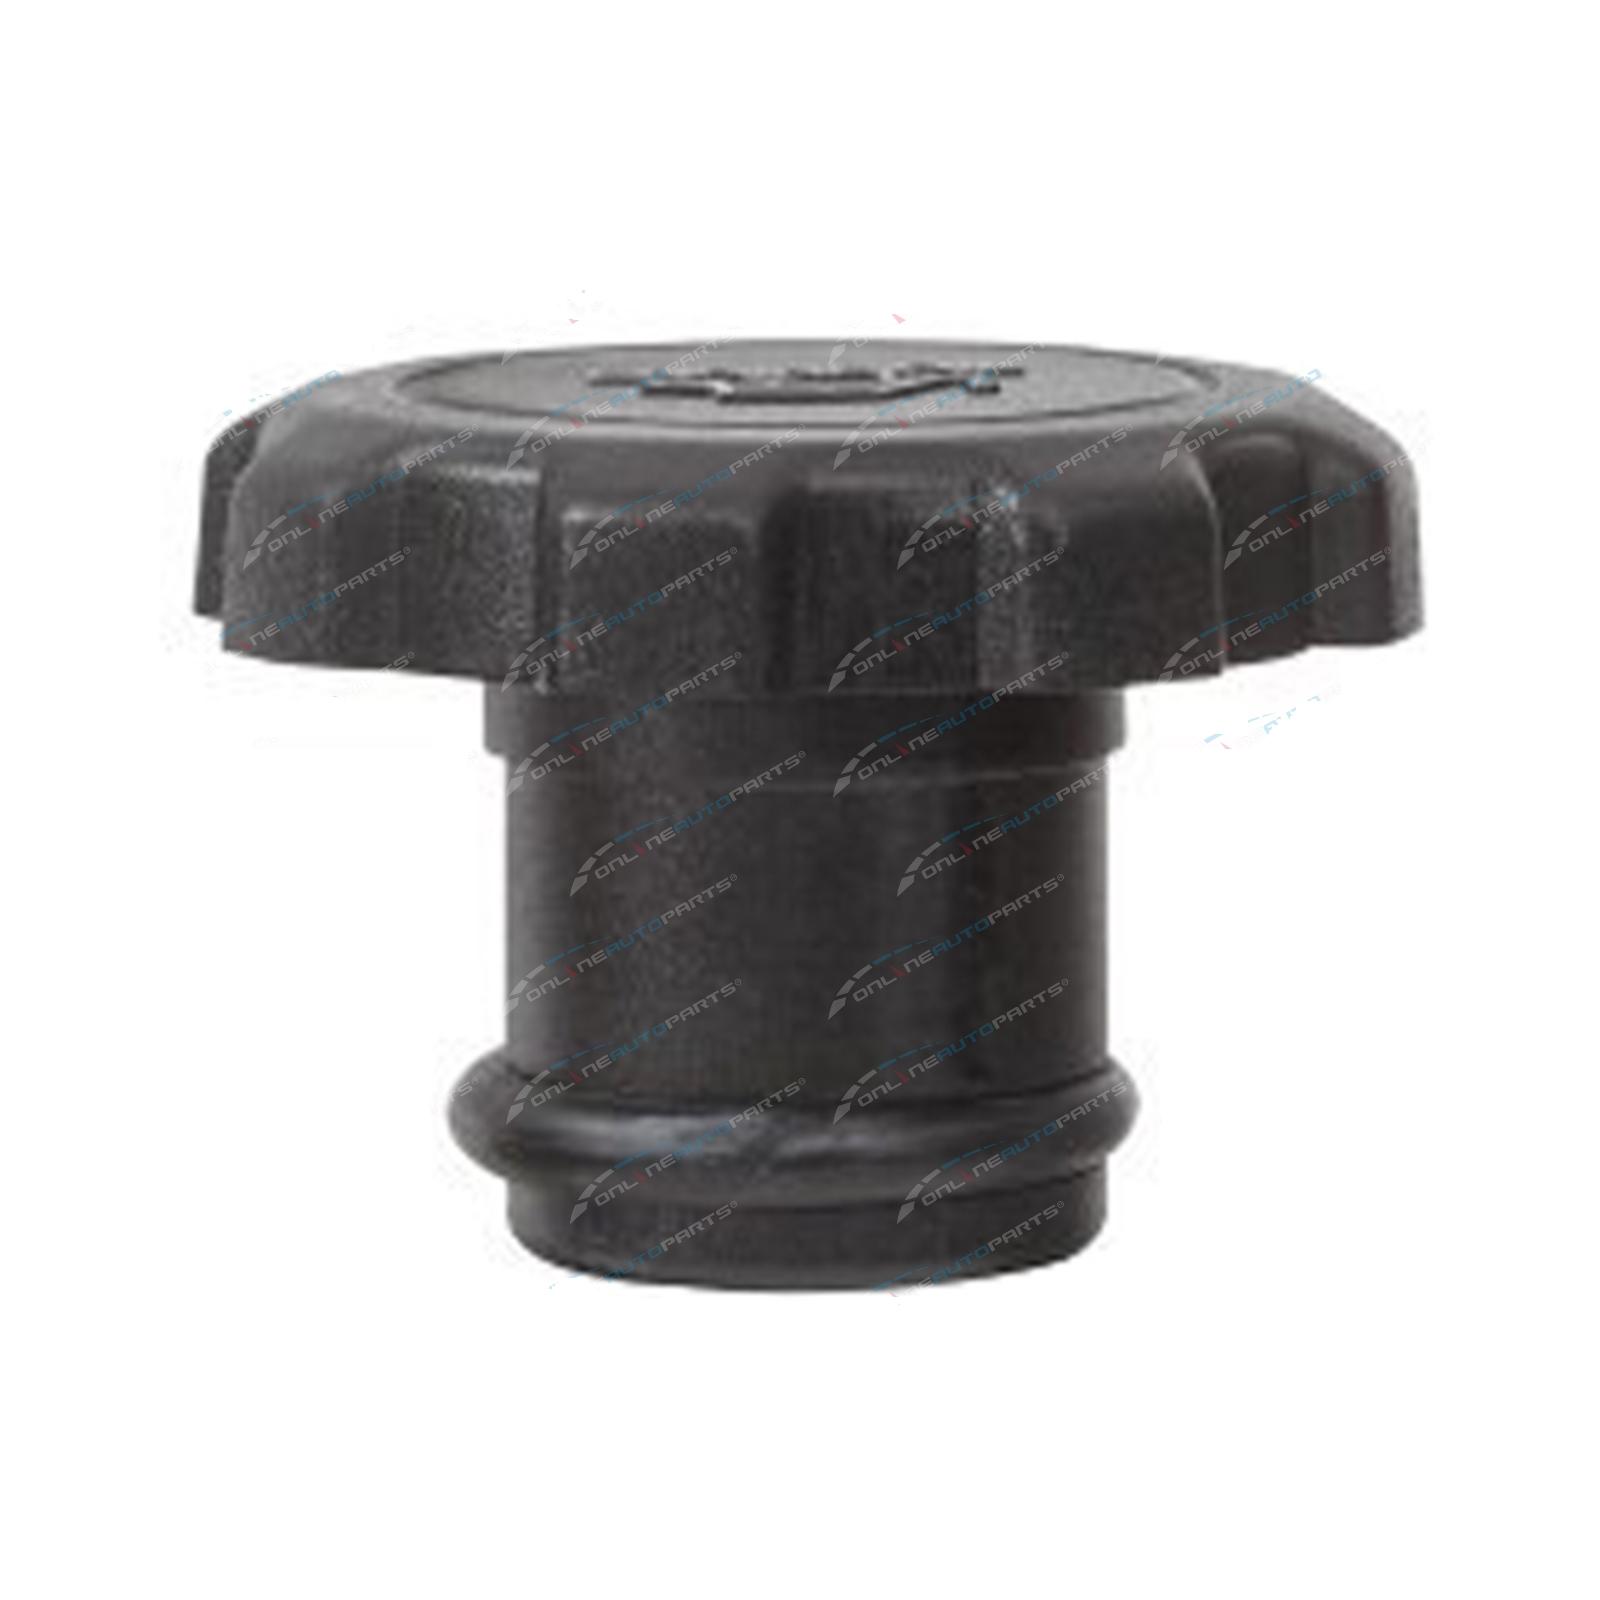 Engine Oil Cap Plastic Push In Breather Oil Filler Cap Tridon